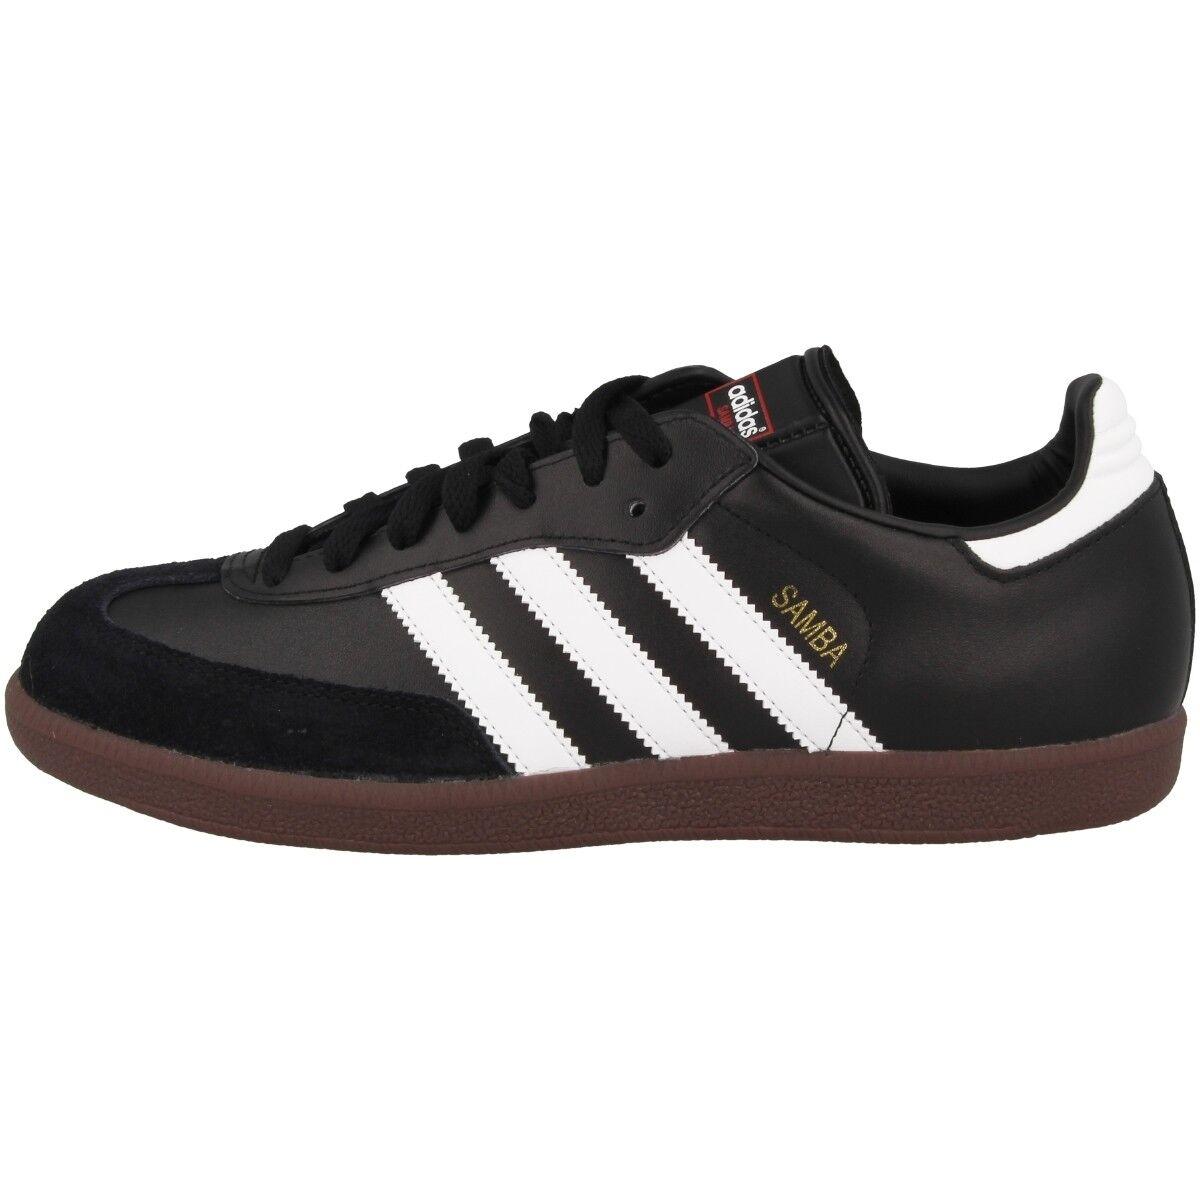 Adidas Samba Classic Scarpe scarpe da da da ginnastica Nero 019000 Interno per | prezzo di vendita  787eee